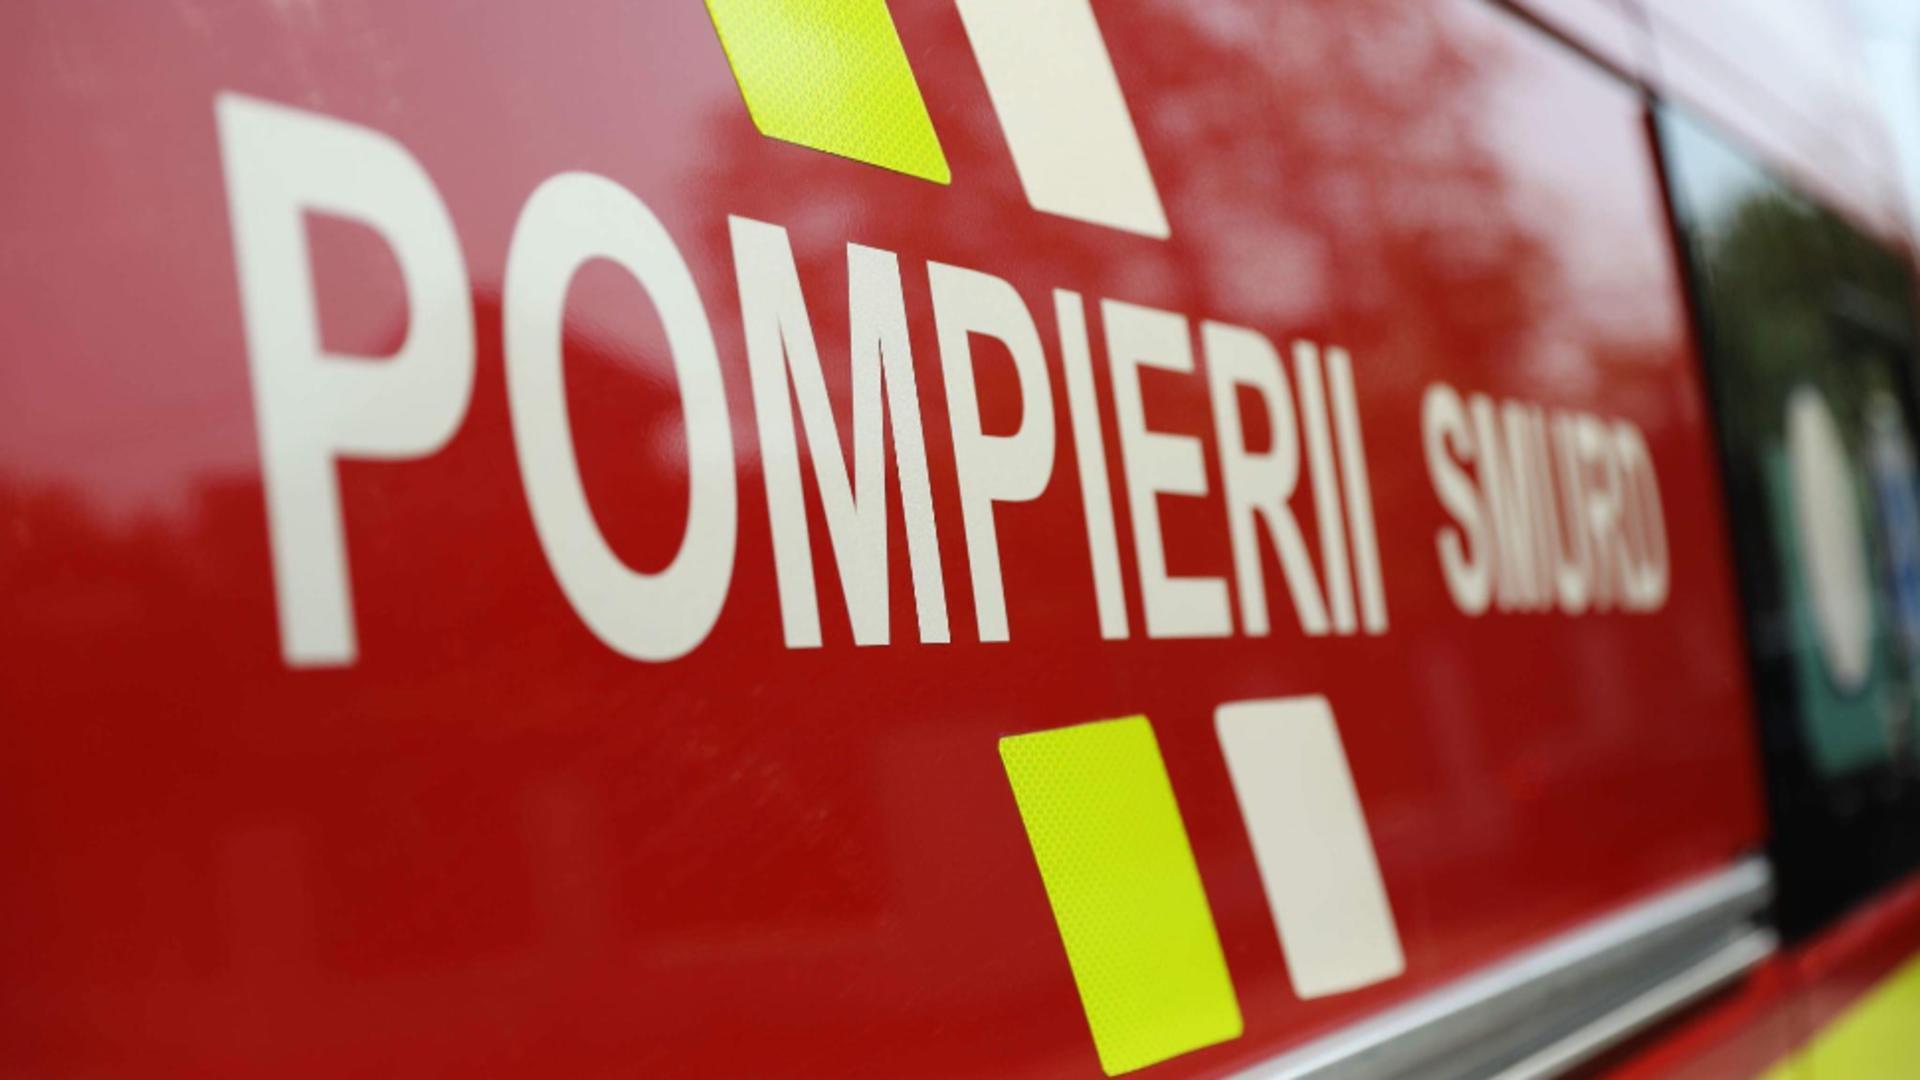 Mai multe familii au fost evacuate din cauza unui incendiu într-un bloc din orașul Botoșani. Foto arhivă